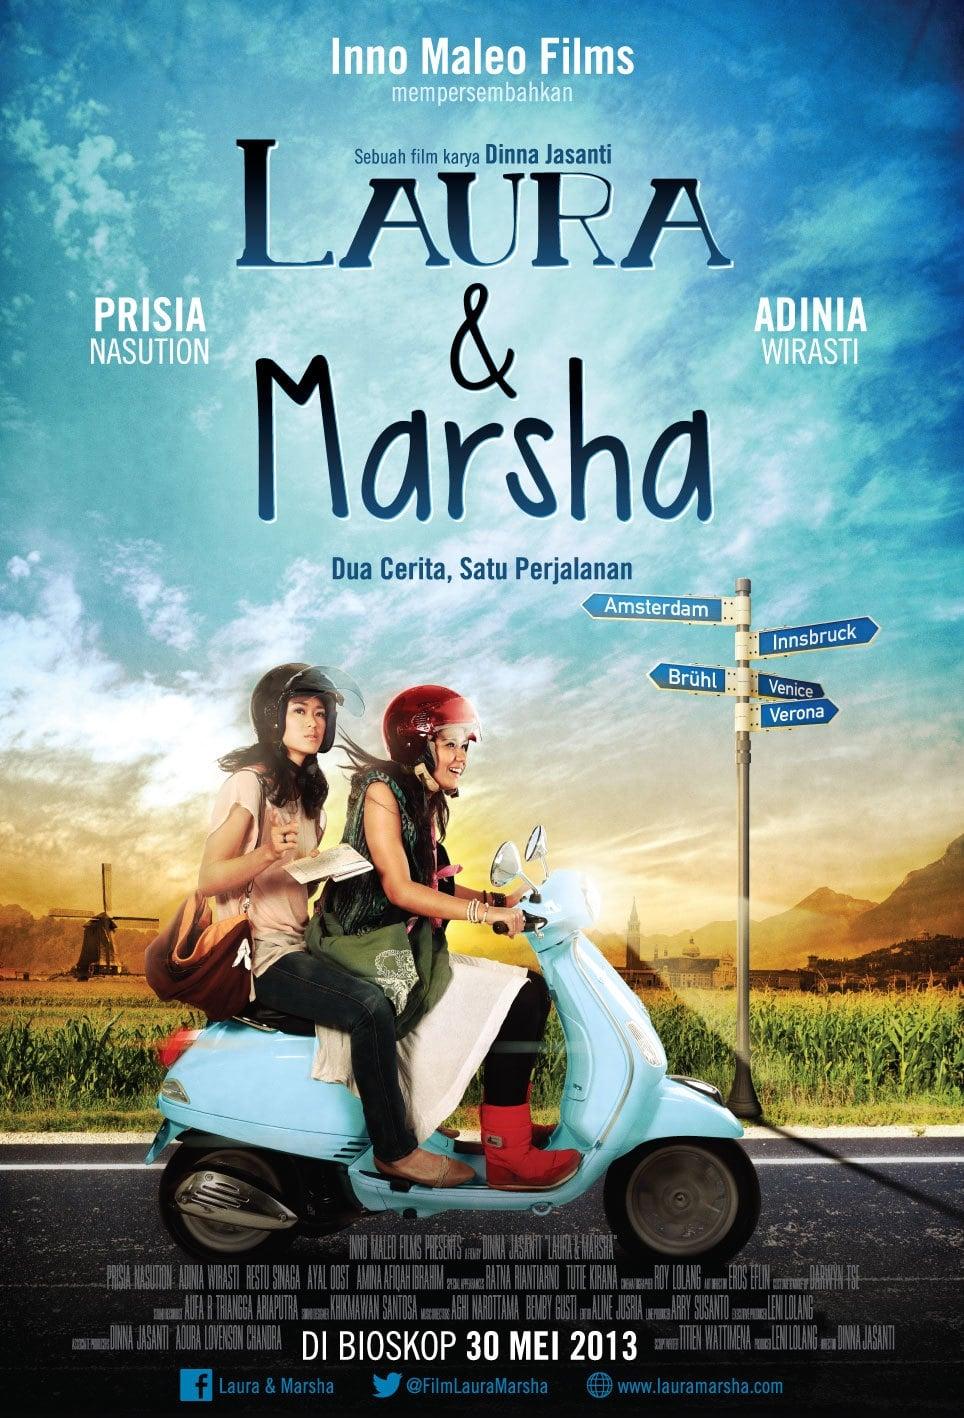 Laura & Marsha